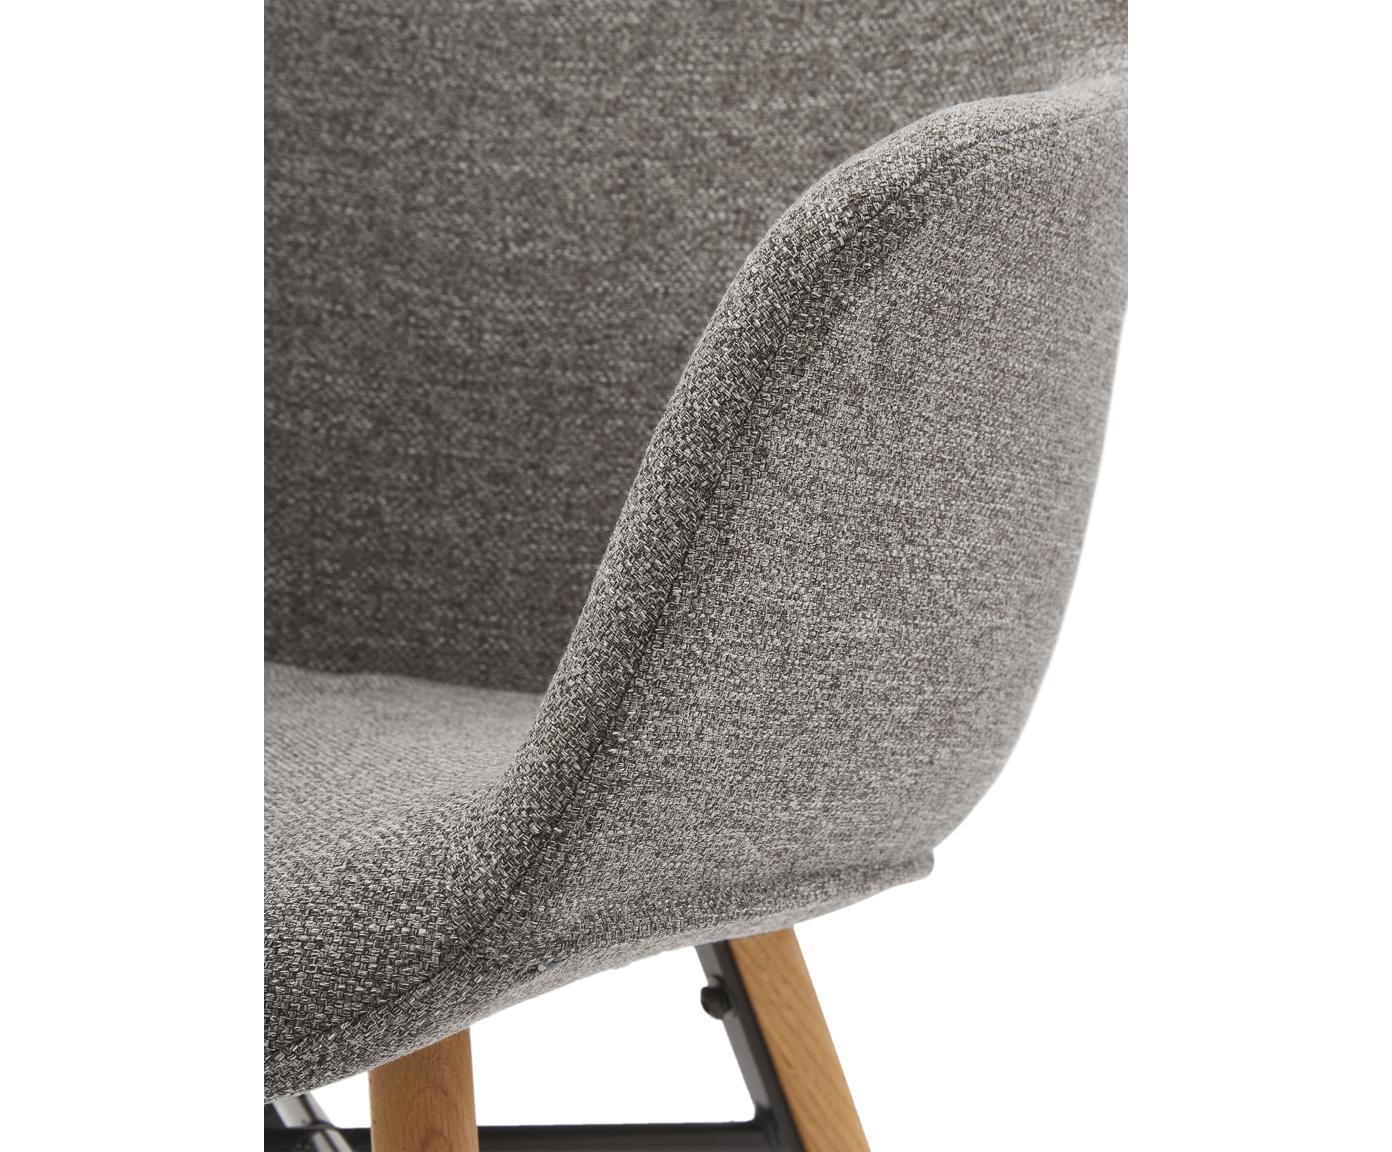 Krzesło z podłokietnikami Fiji, Tapicerka: poliester 40 000 cykli w , Nogi: lite drewno dębowe, Siedzisko: ciemny szary nogi: drewno dębowe, S 59 x G 55 cm